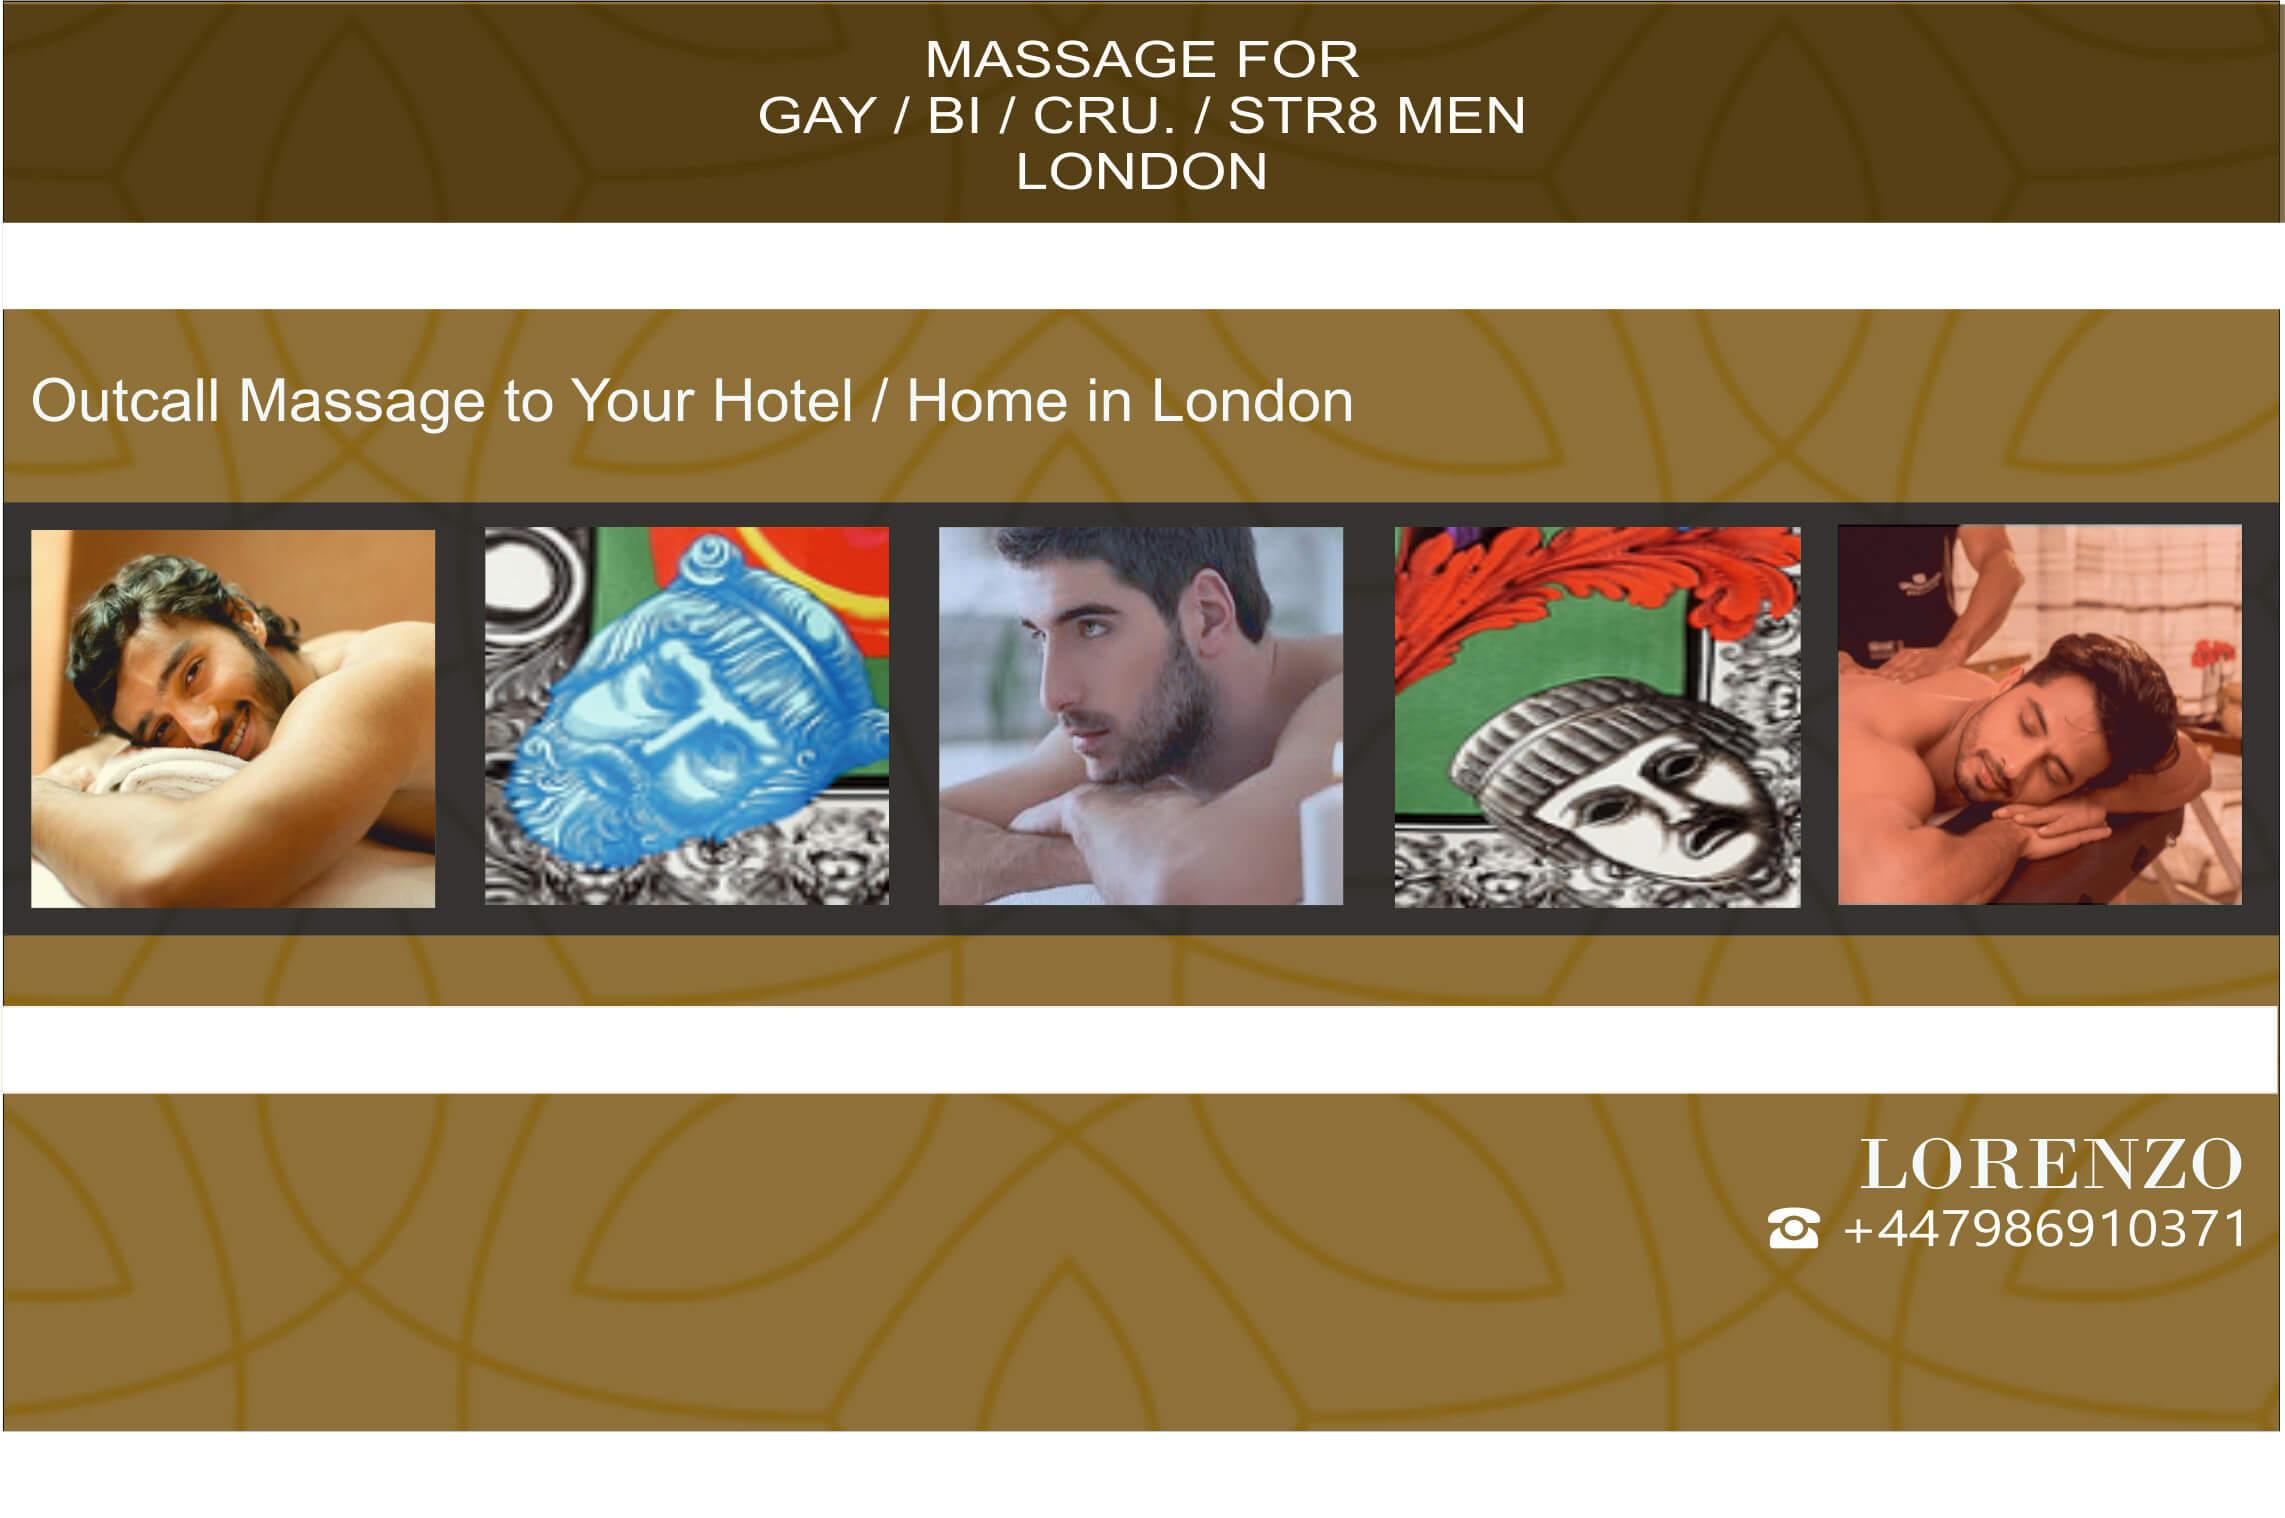 male massage london gay male massage hotel home massage visiting massage massage near me now  hour massage minute massage hotel massage london male to male massage london home massage   (18)